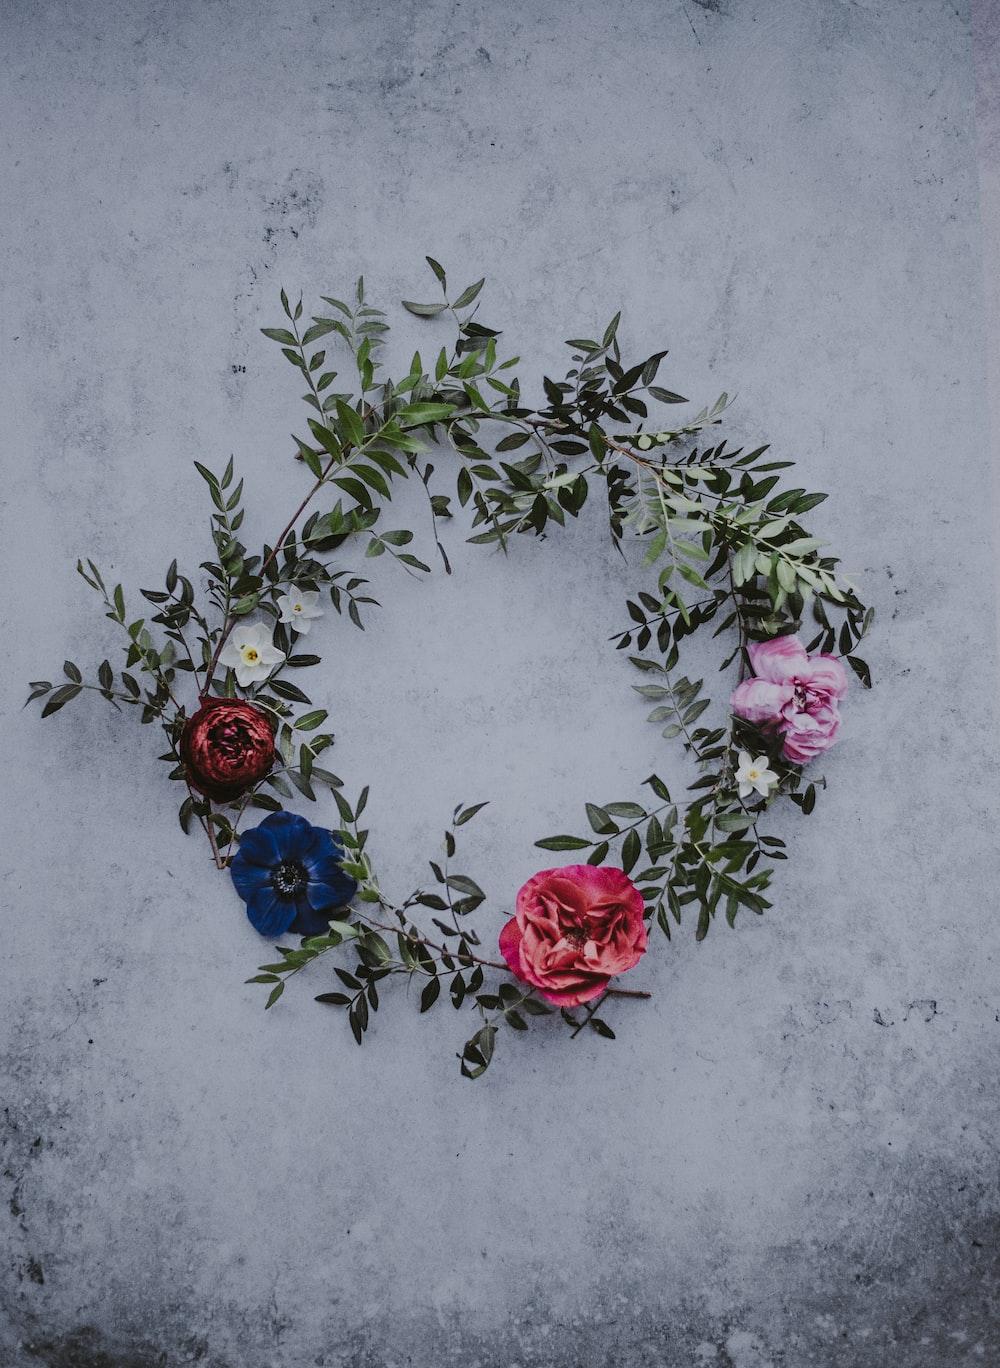 Floral Wreath Photo By Annie Spratt Anniespratt On Unsplash